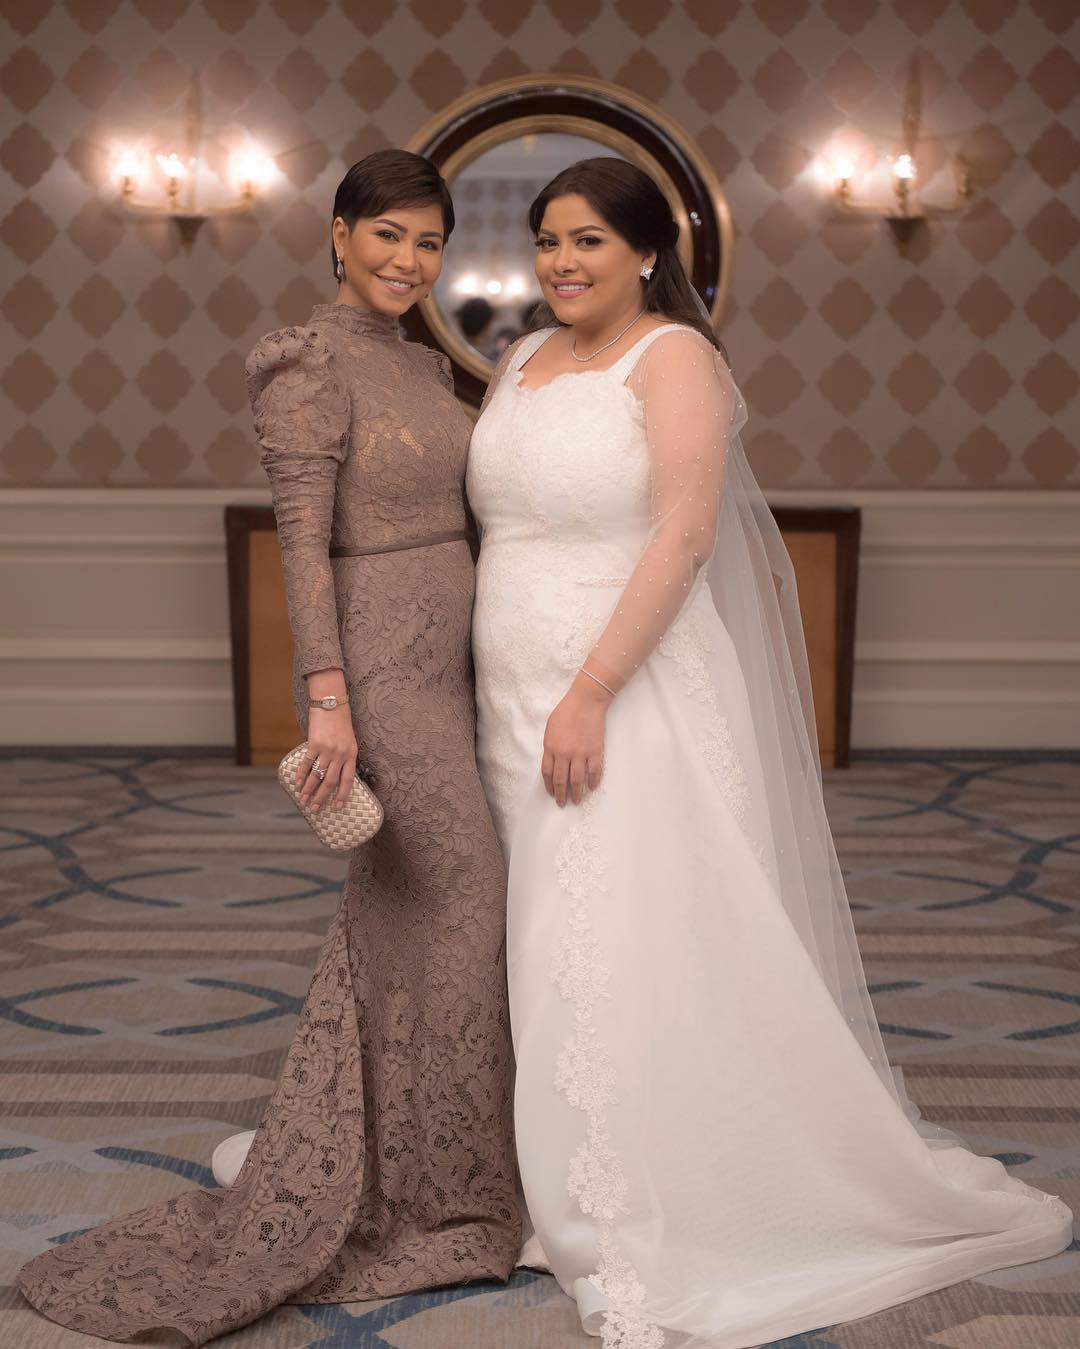 صور شيرين عبد الوهاب مع شقيقتها في زفافها